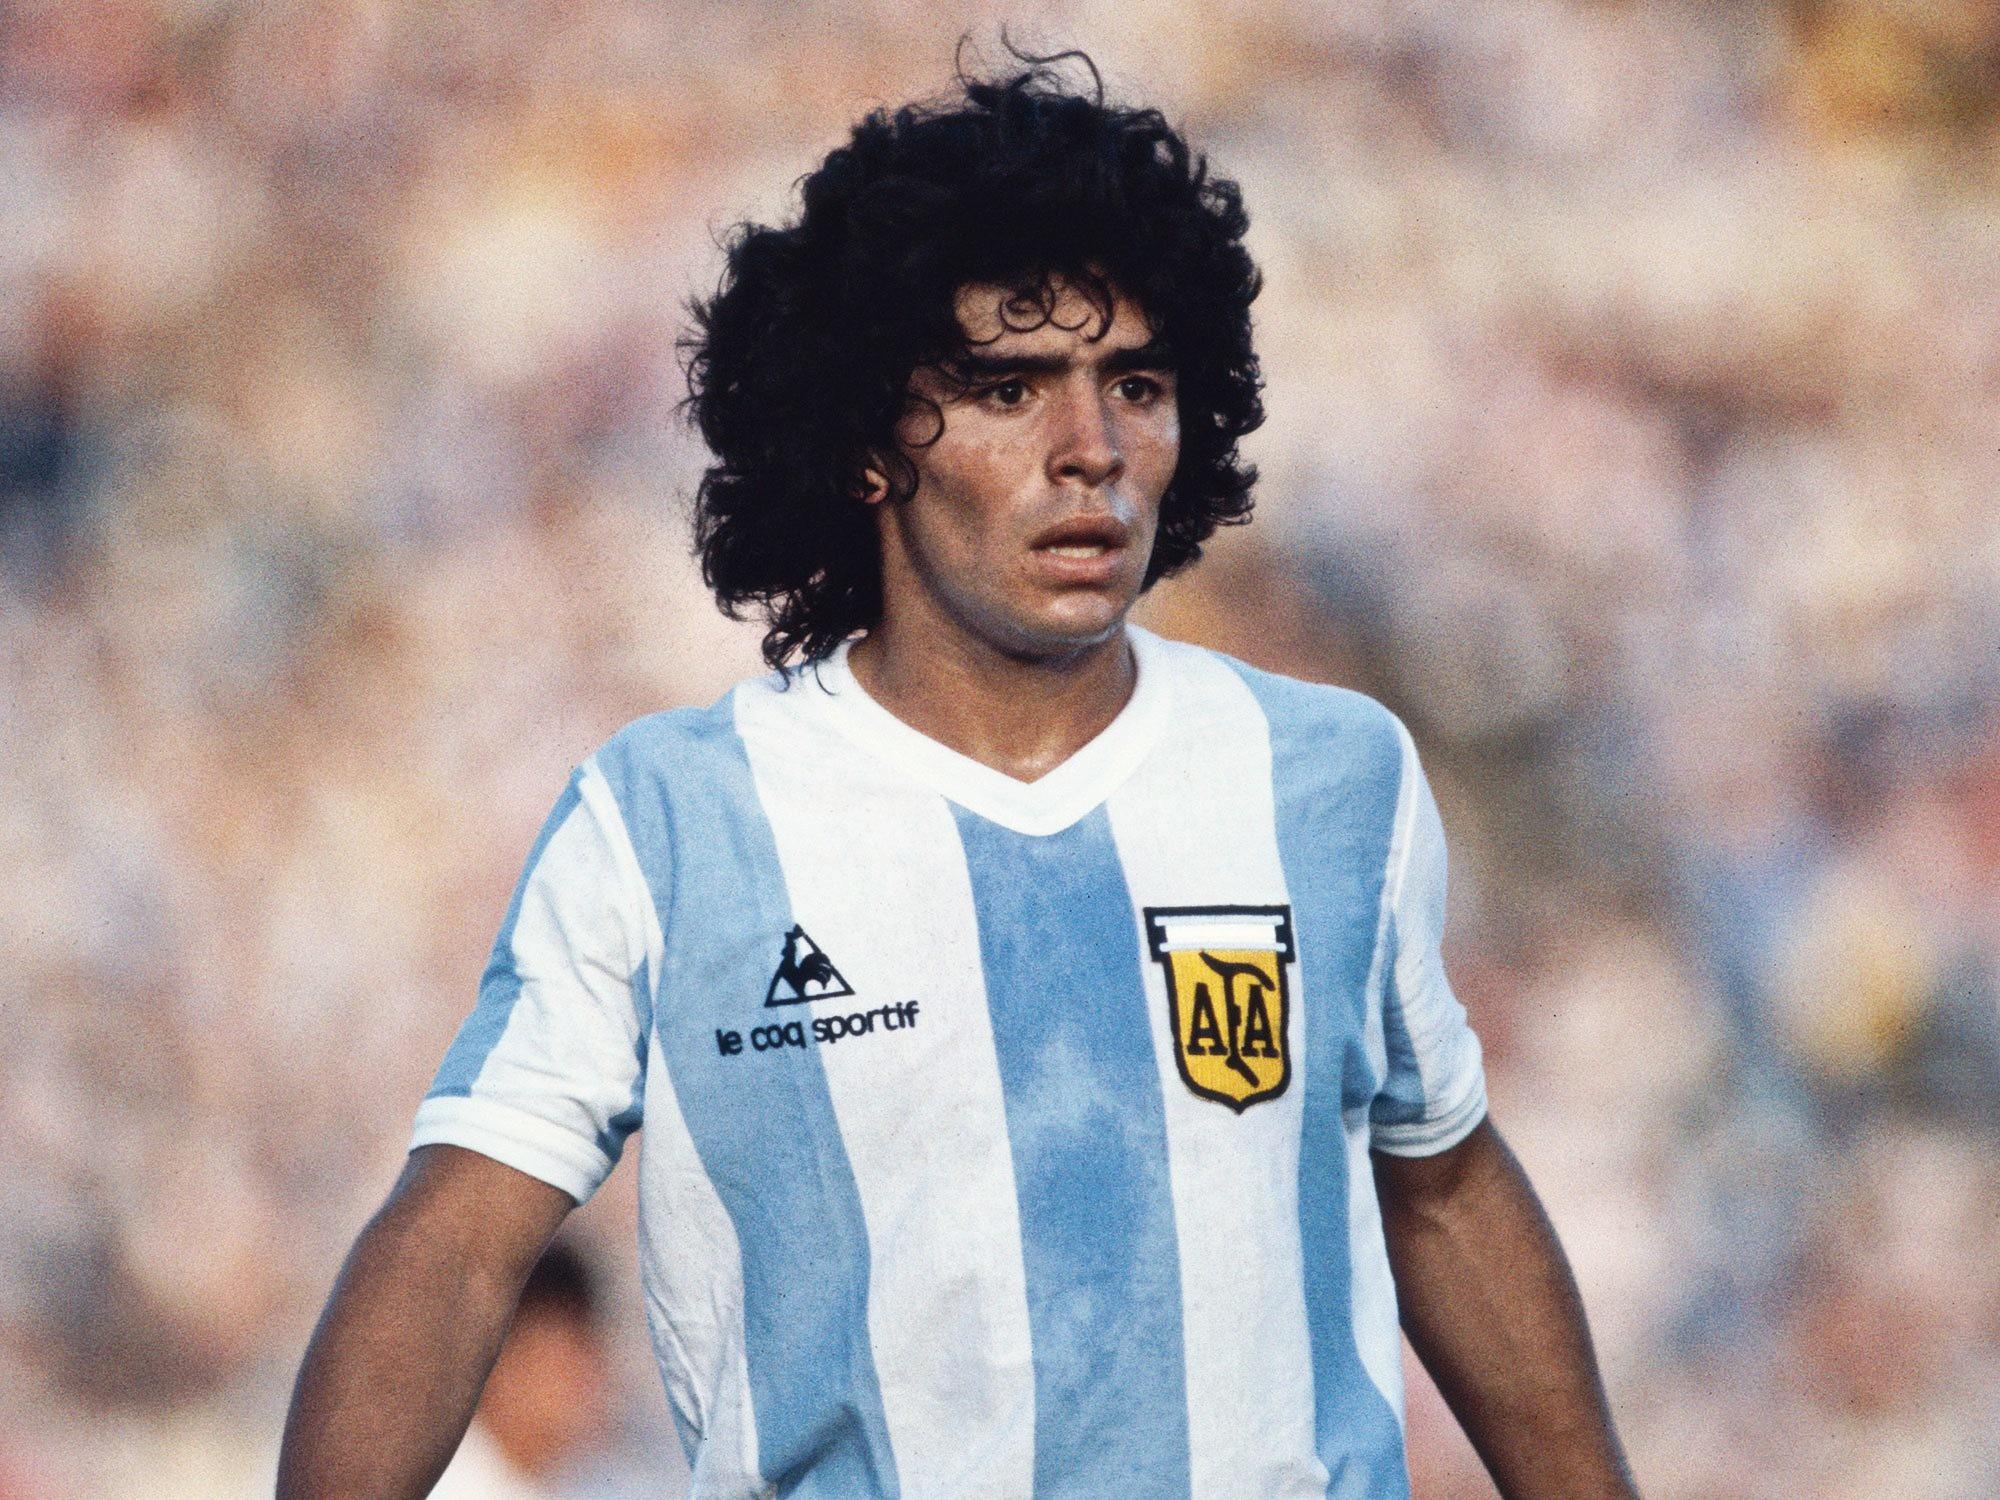 Un premier extrait du documentaire sur Maradona dévoilé